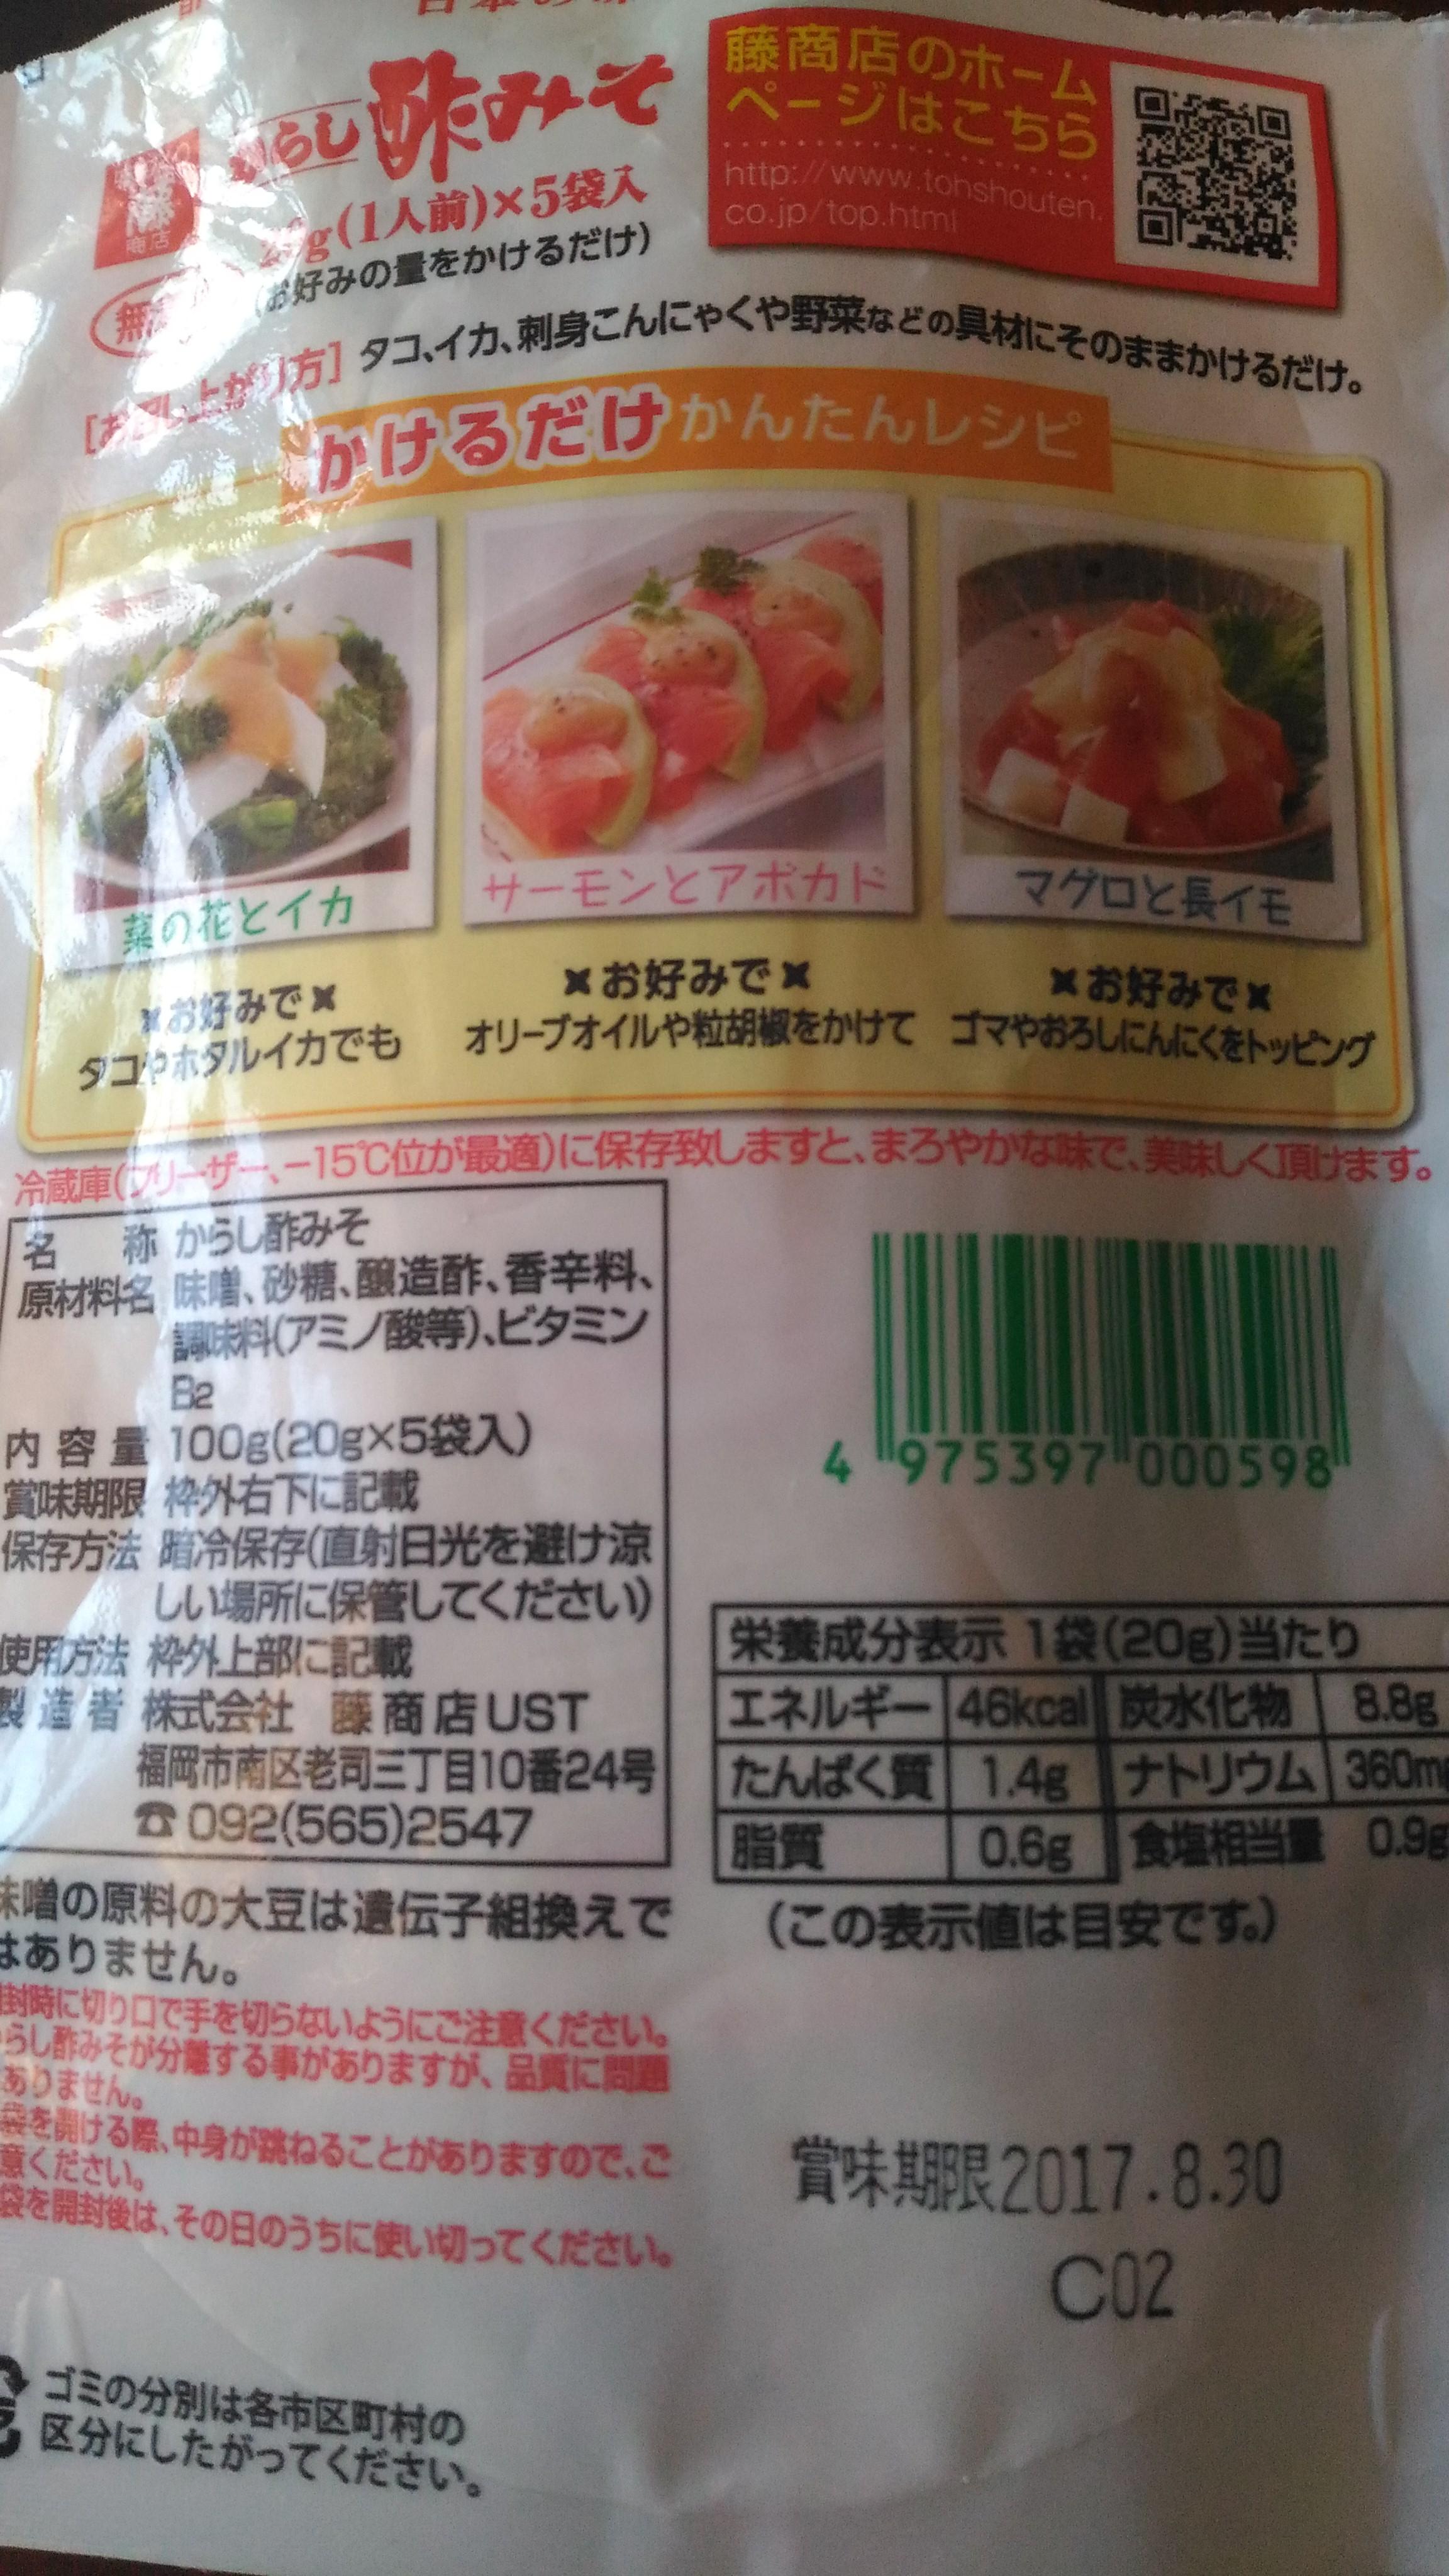 賞味期限が半年過ぎた酢味噌